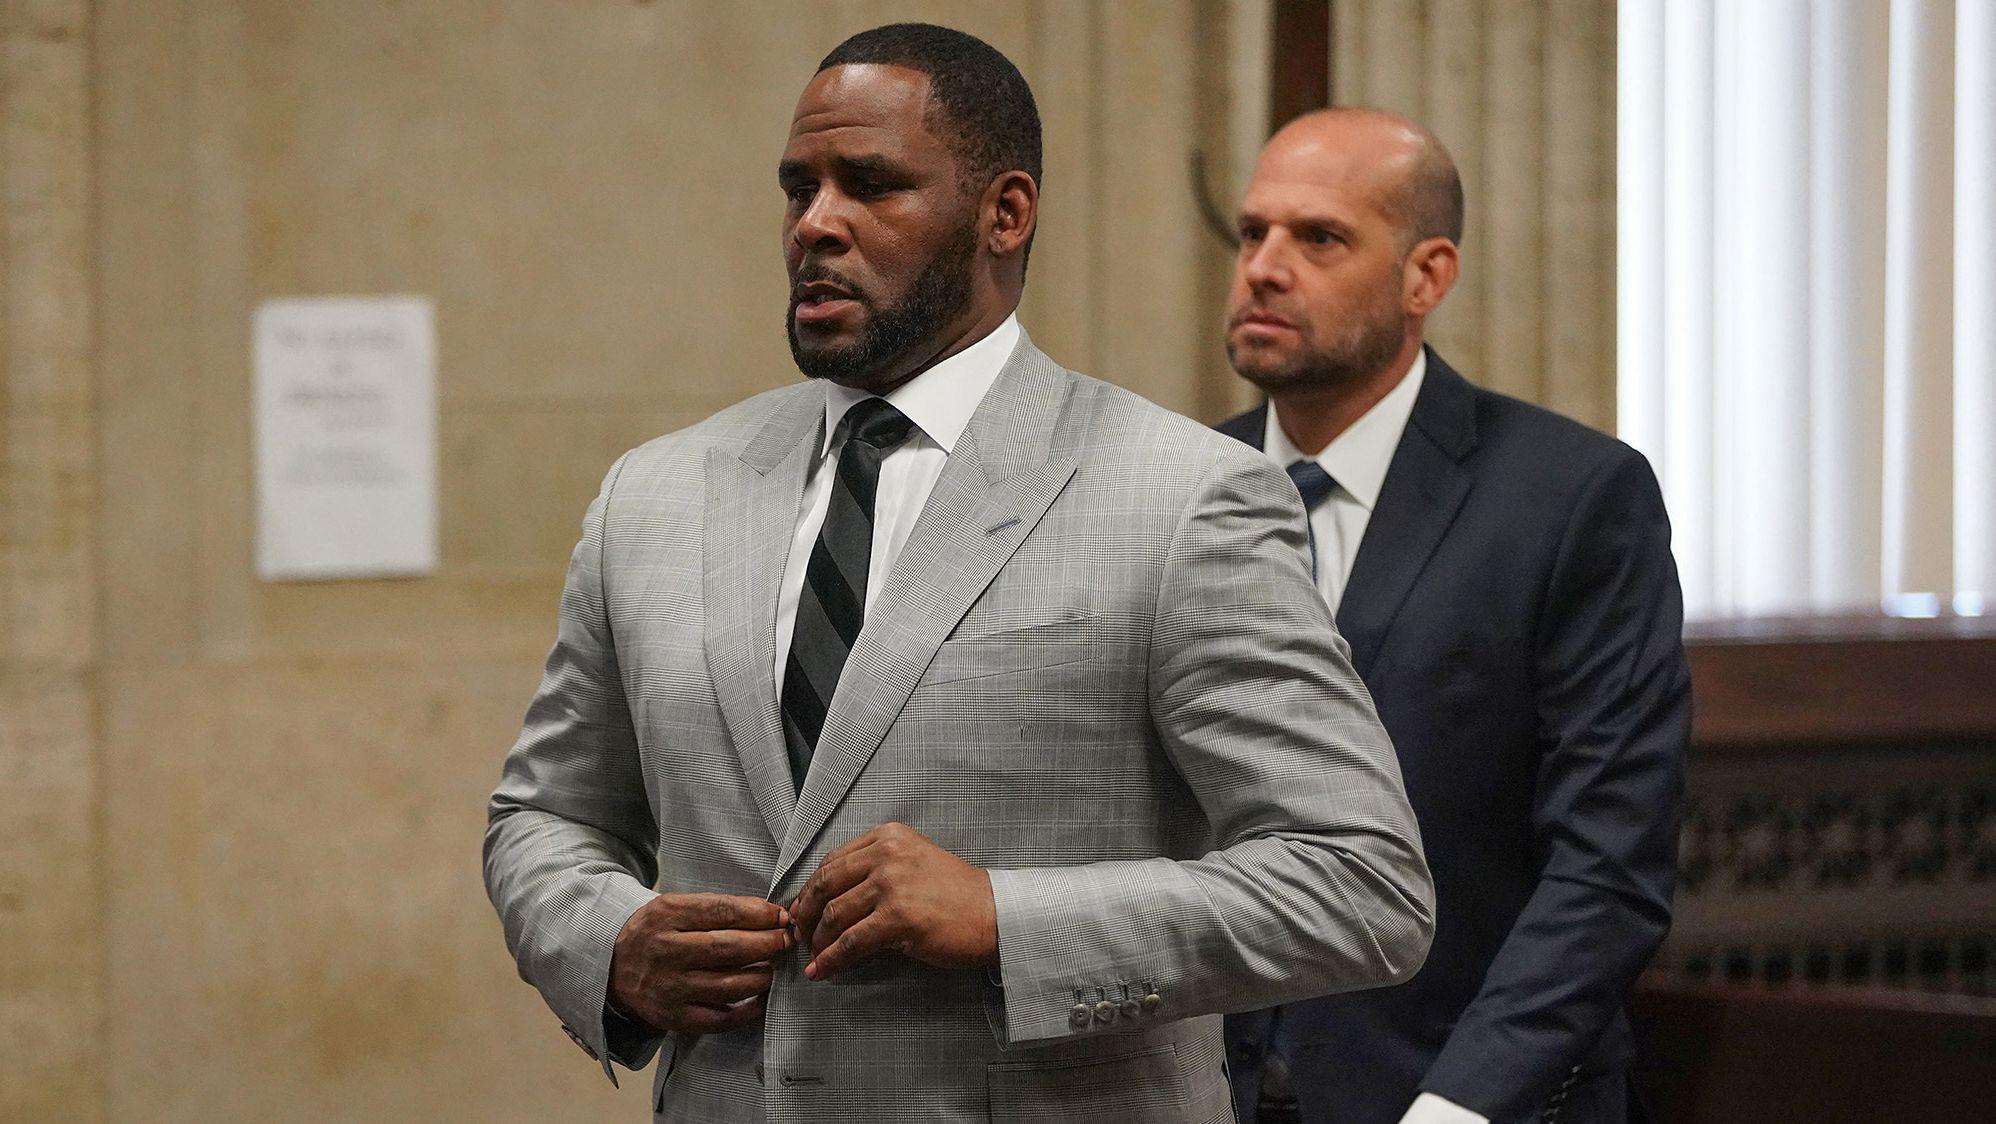 06.06.2019: R. Kelly plädiert auf nicht schuldig am Leighton Criminal Court in Chicago.